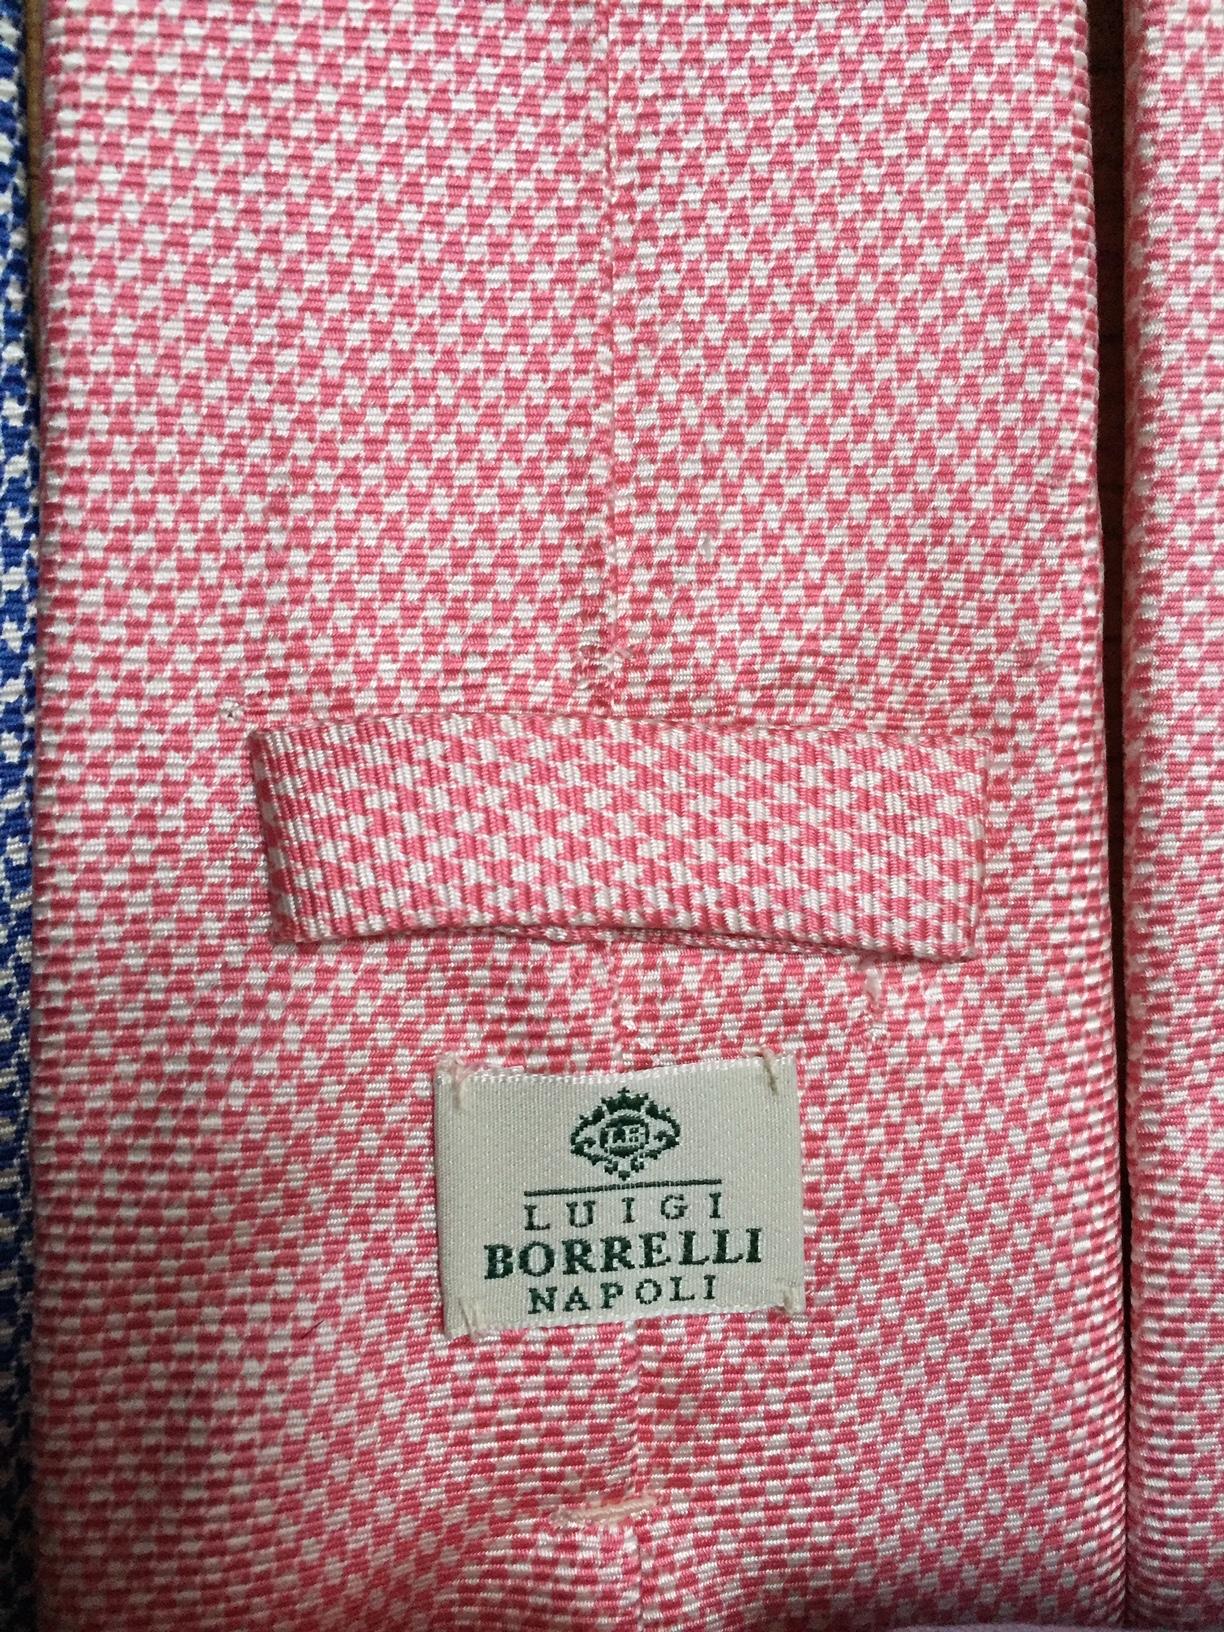 Borrelli Label 3